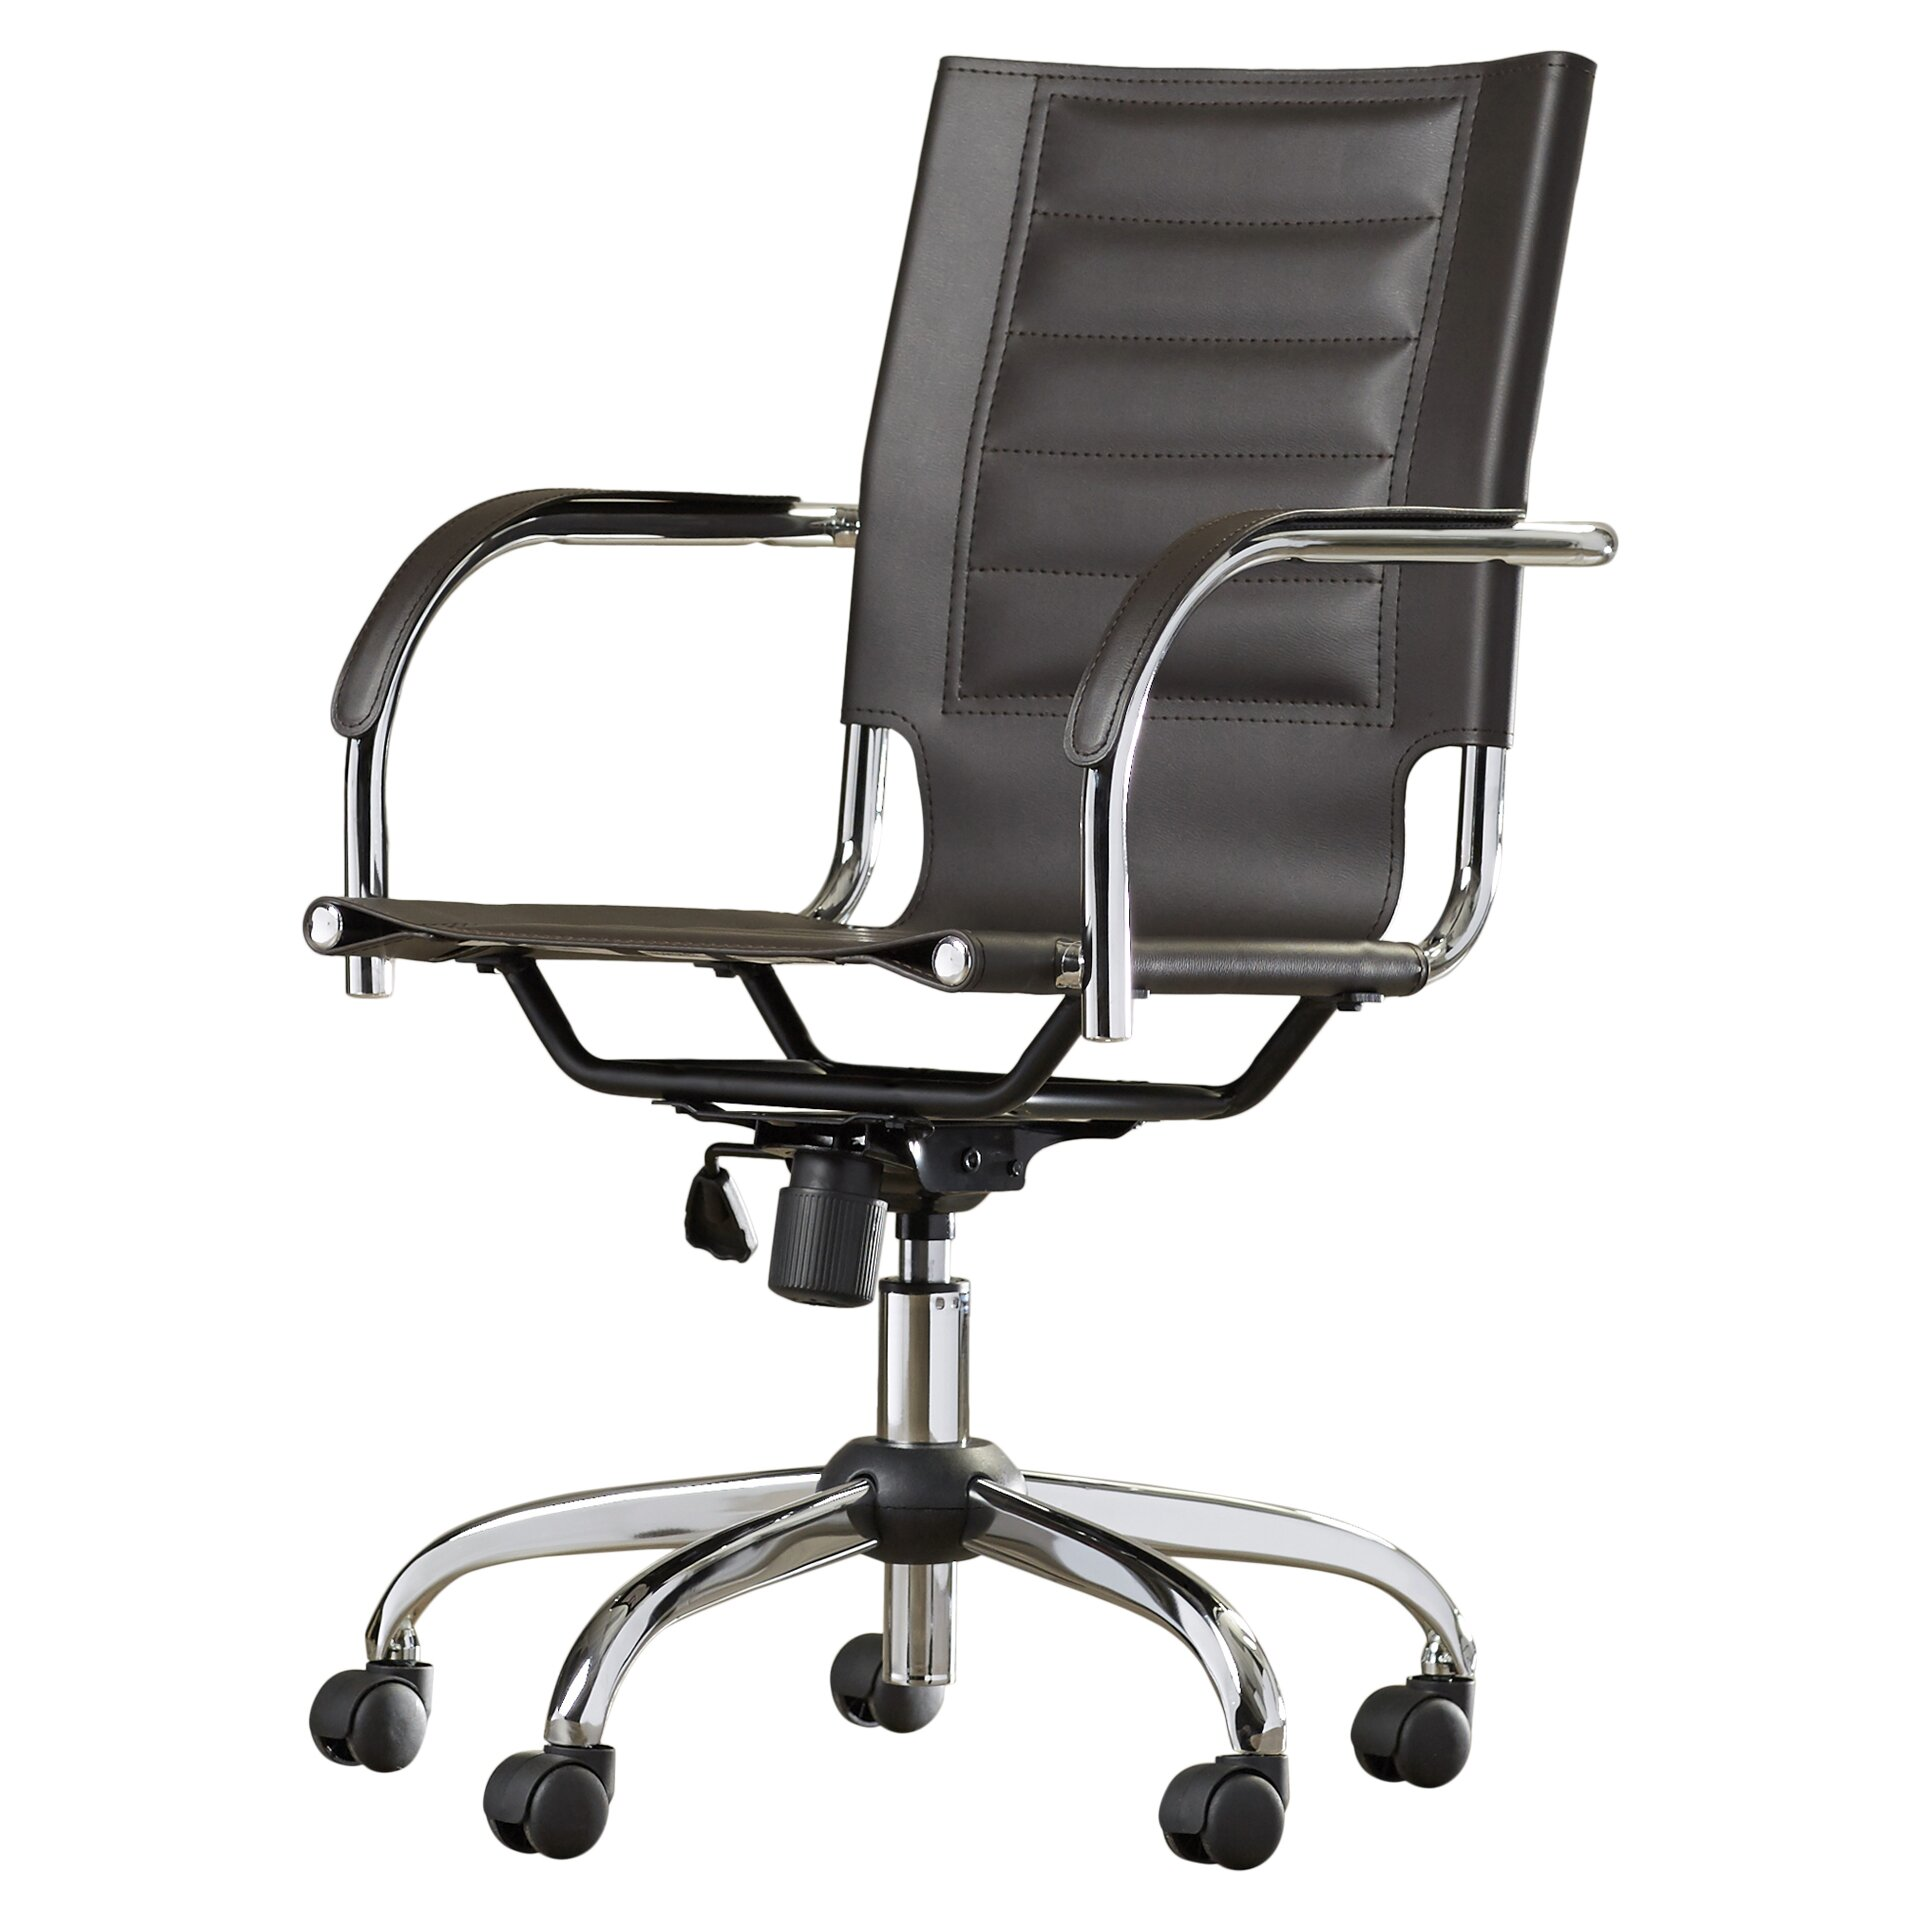 Varick Gallery Bloomingdale Desk Chair Reviews Wayfair